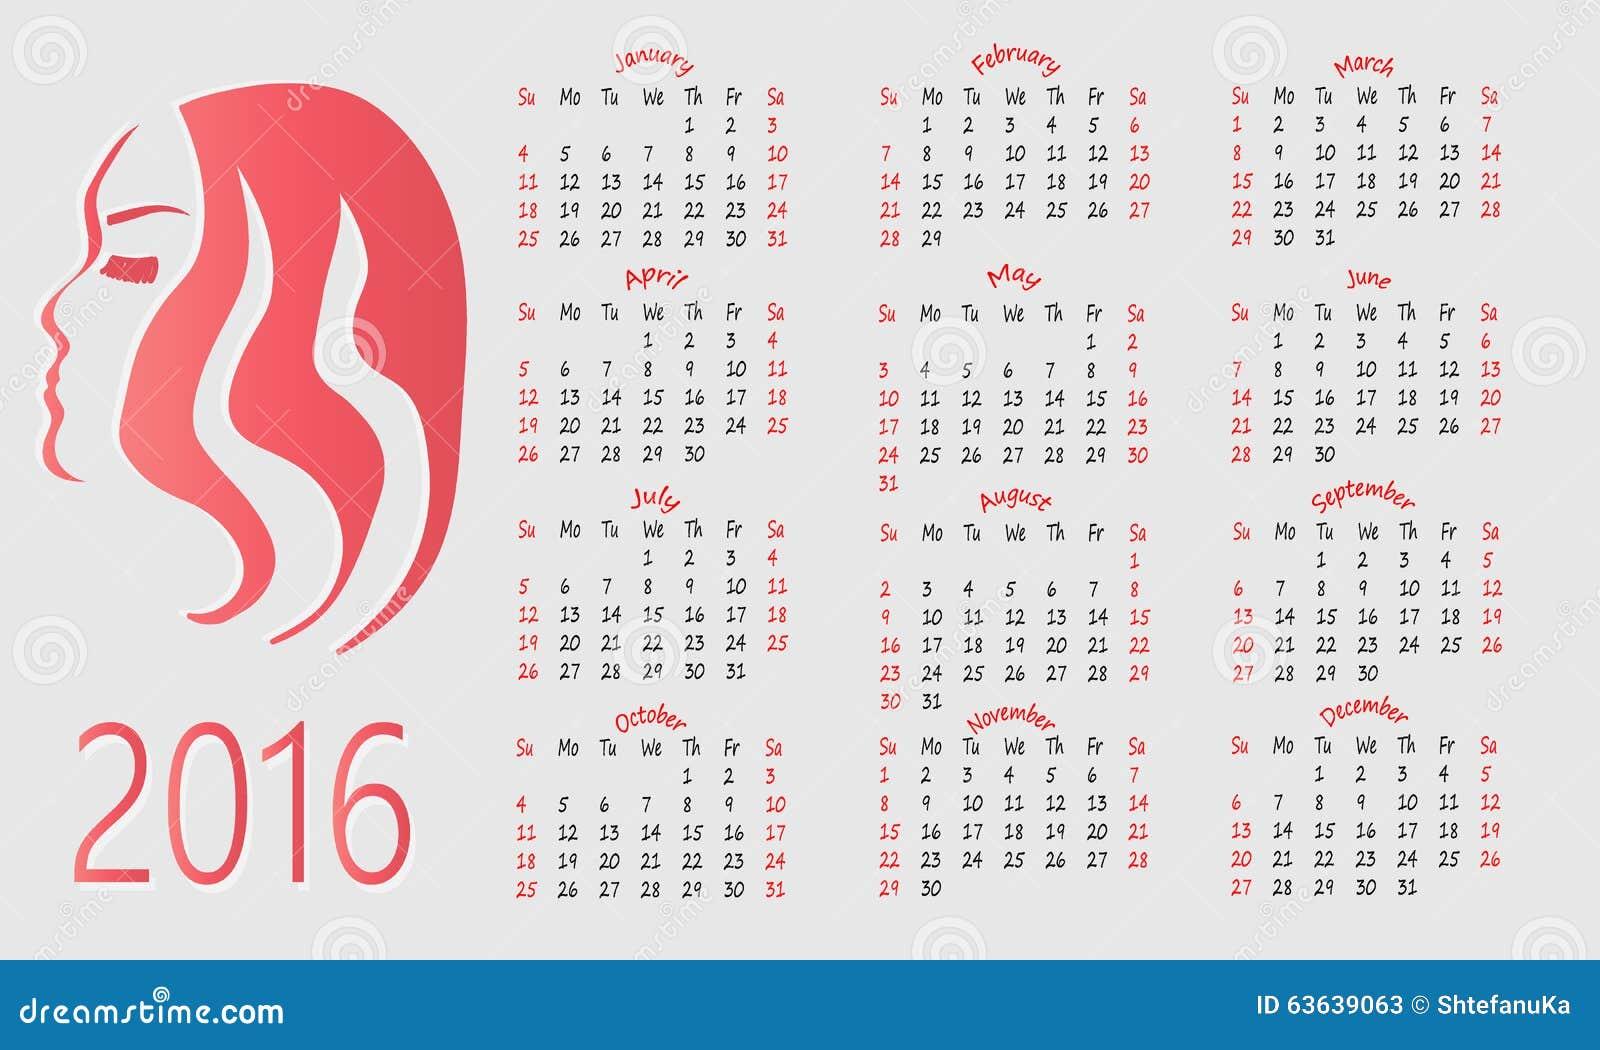 Calendario Bellezza.Calendario 2016 Per I Saloni Di Bellezza Illustrazione